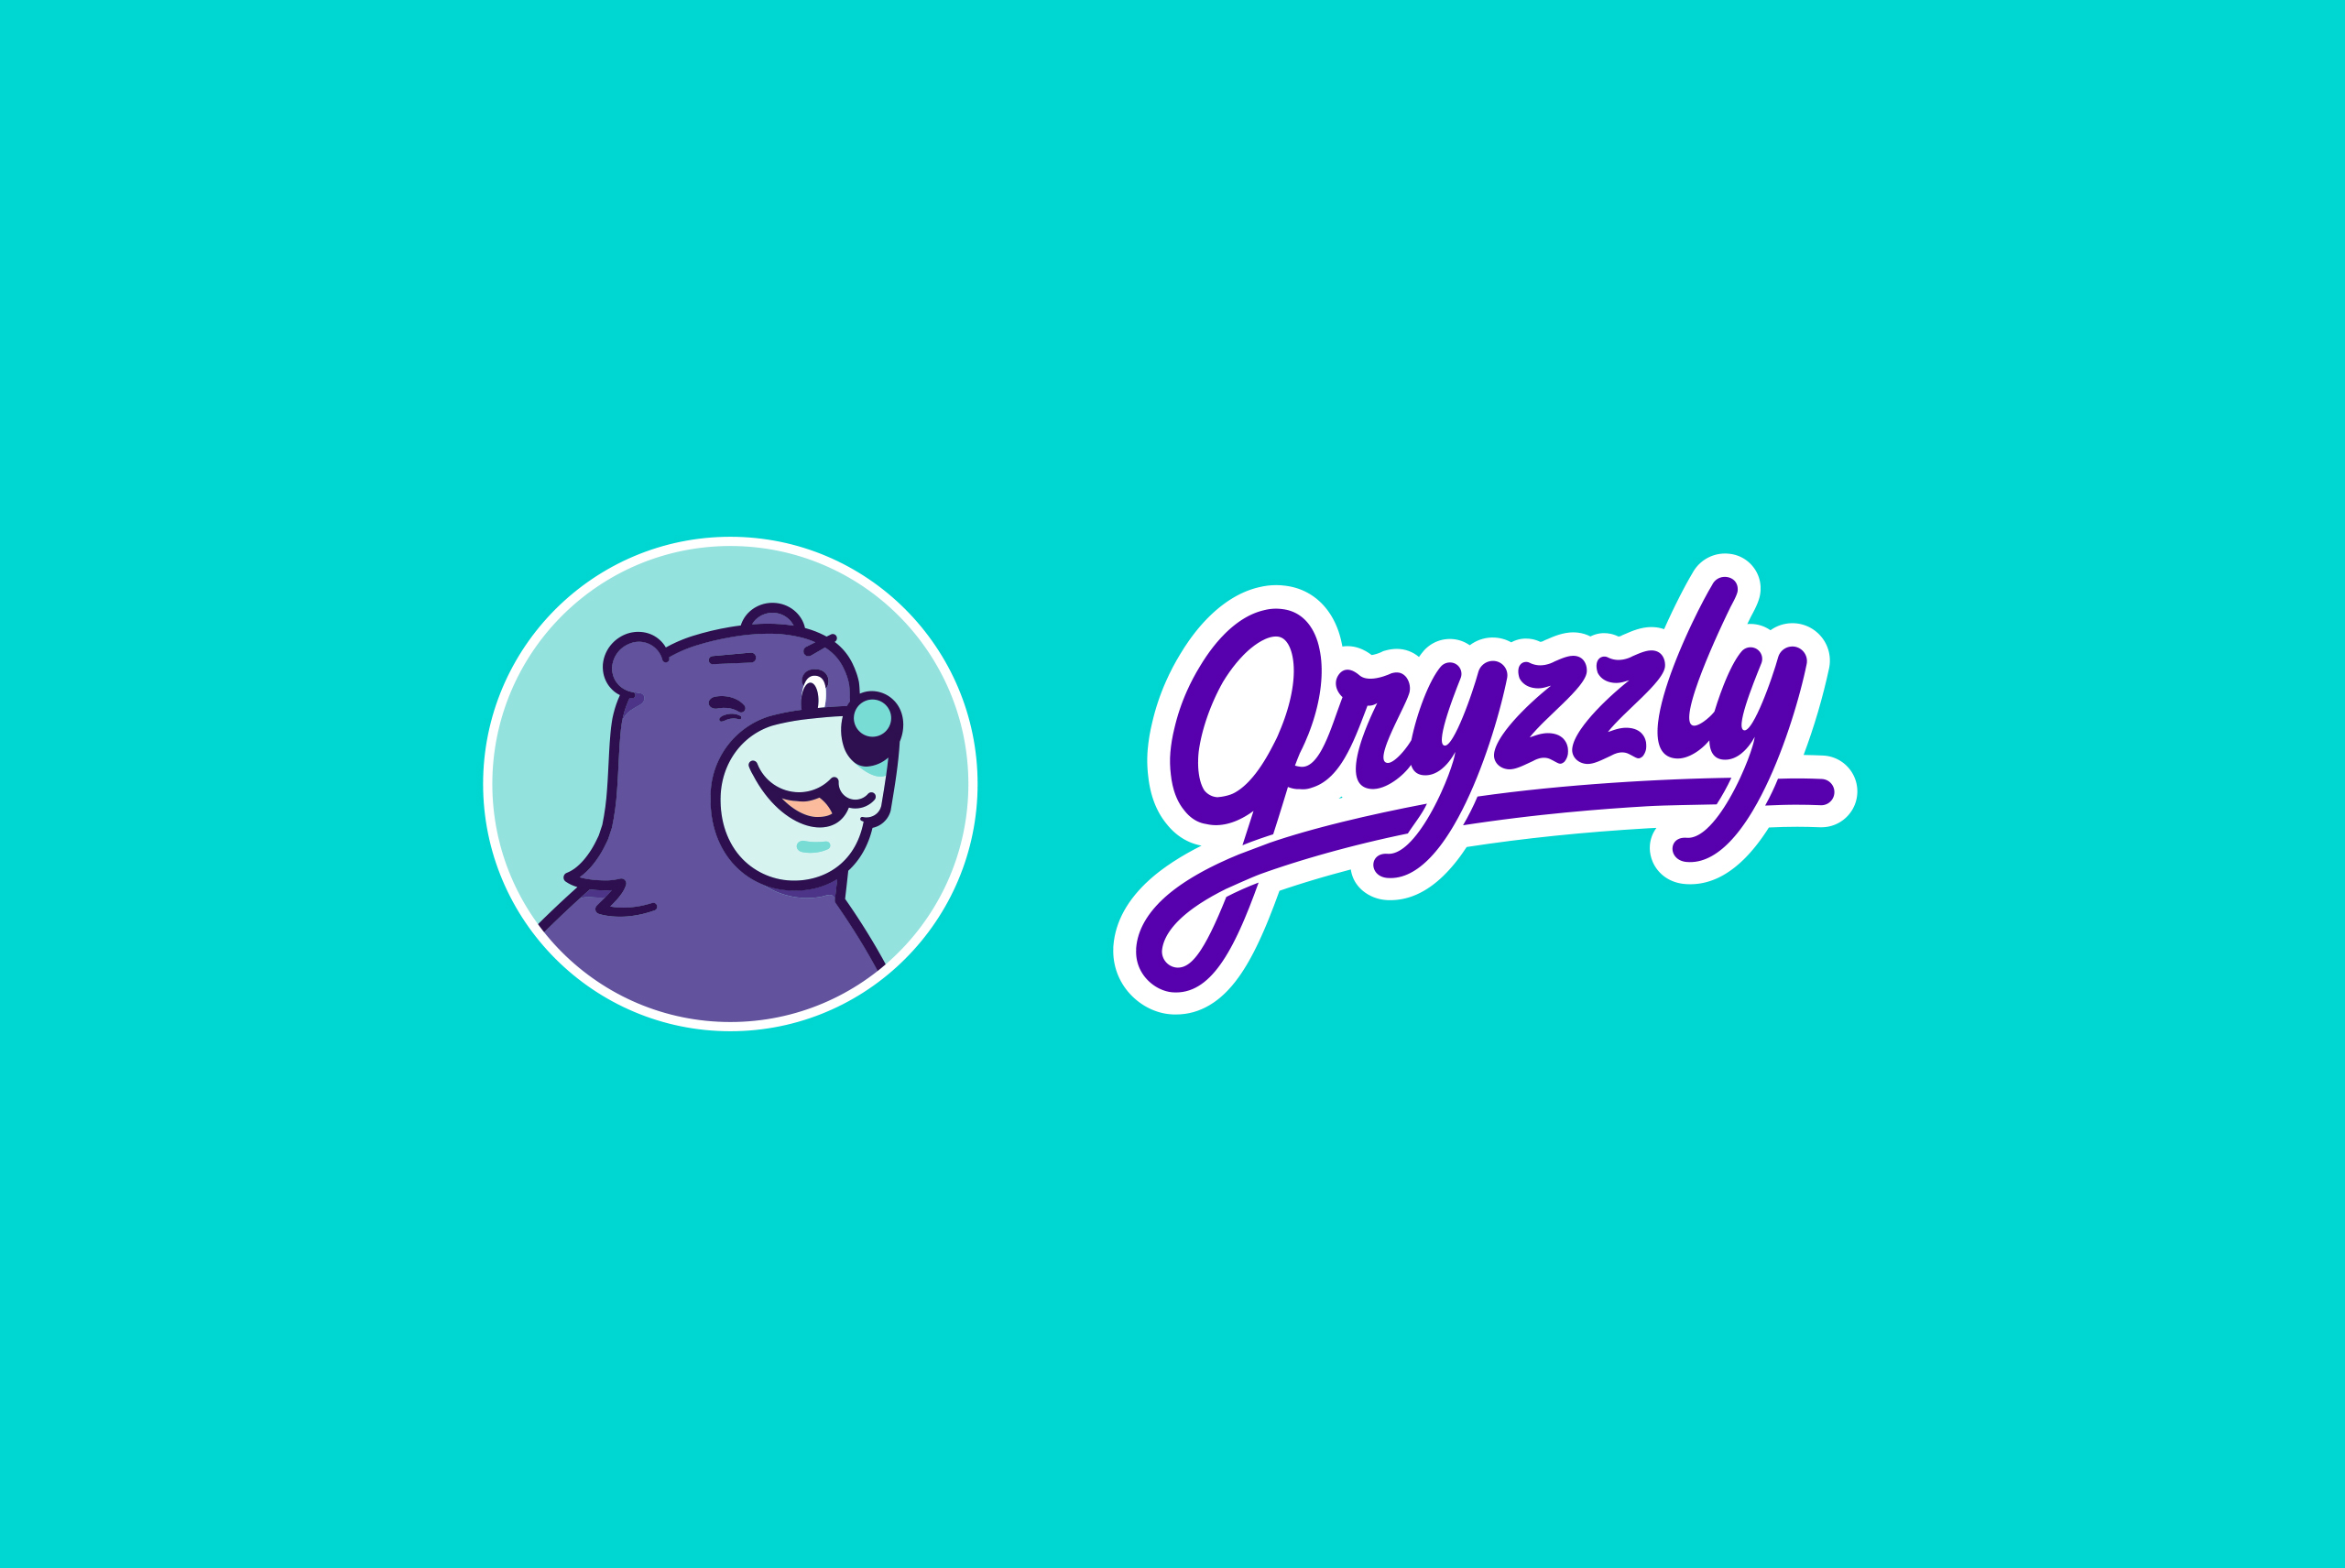 gryzzly_01